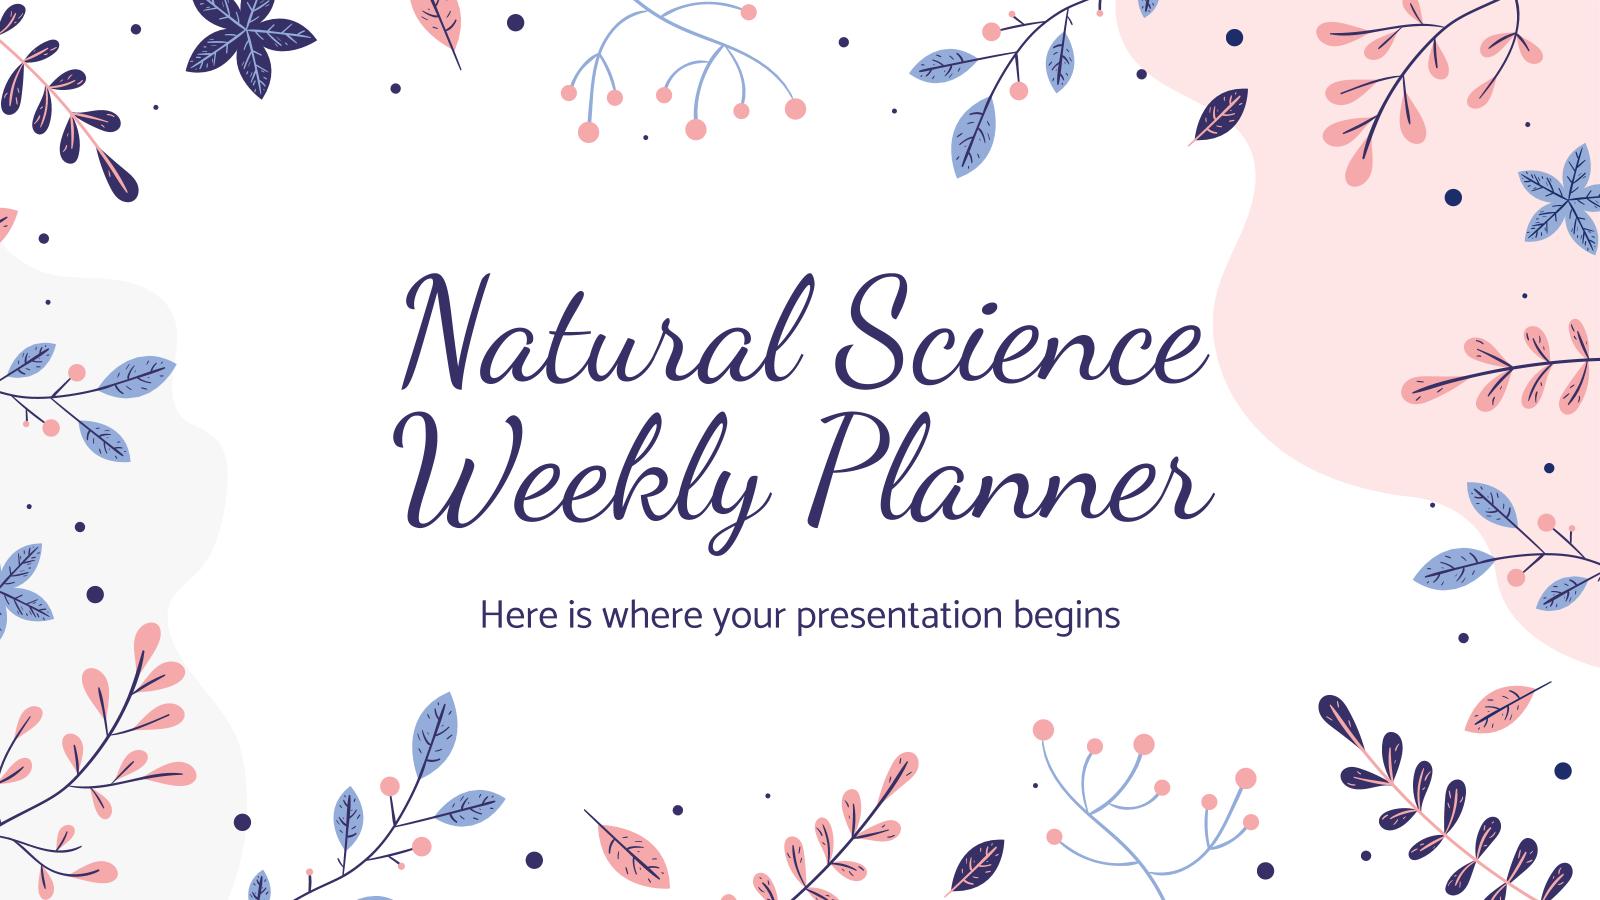 Planificateur hebdomadaire des sciences naturelles : Modèles de présentation